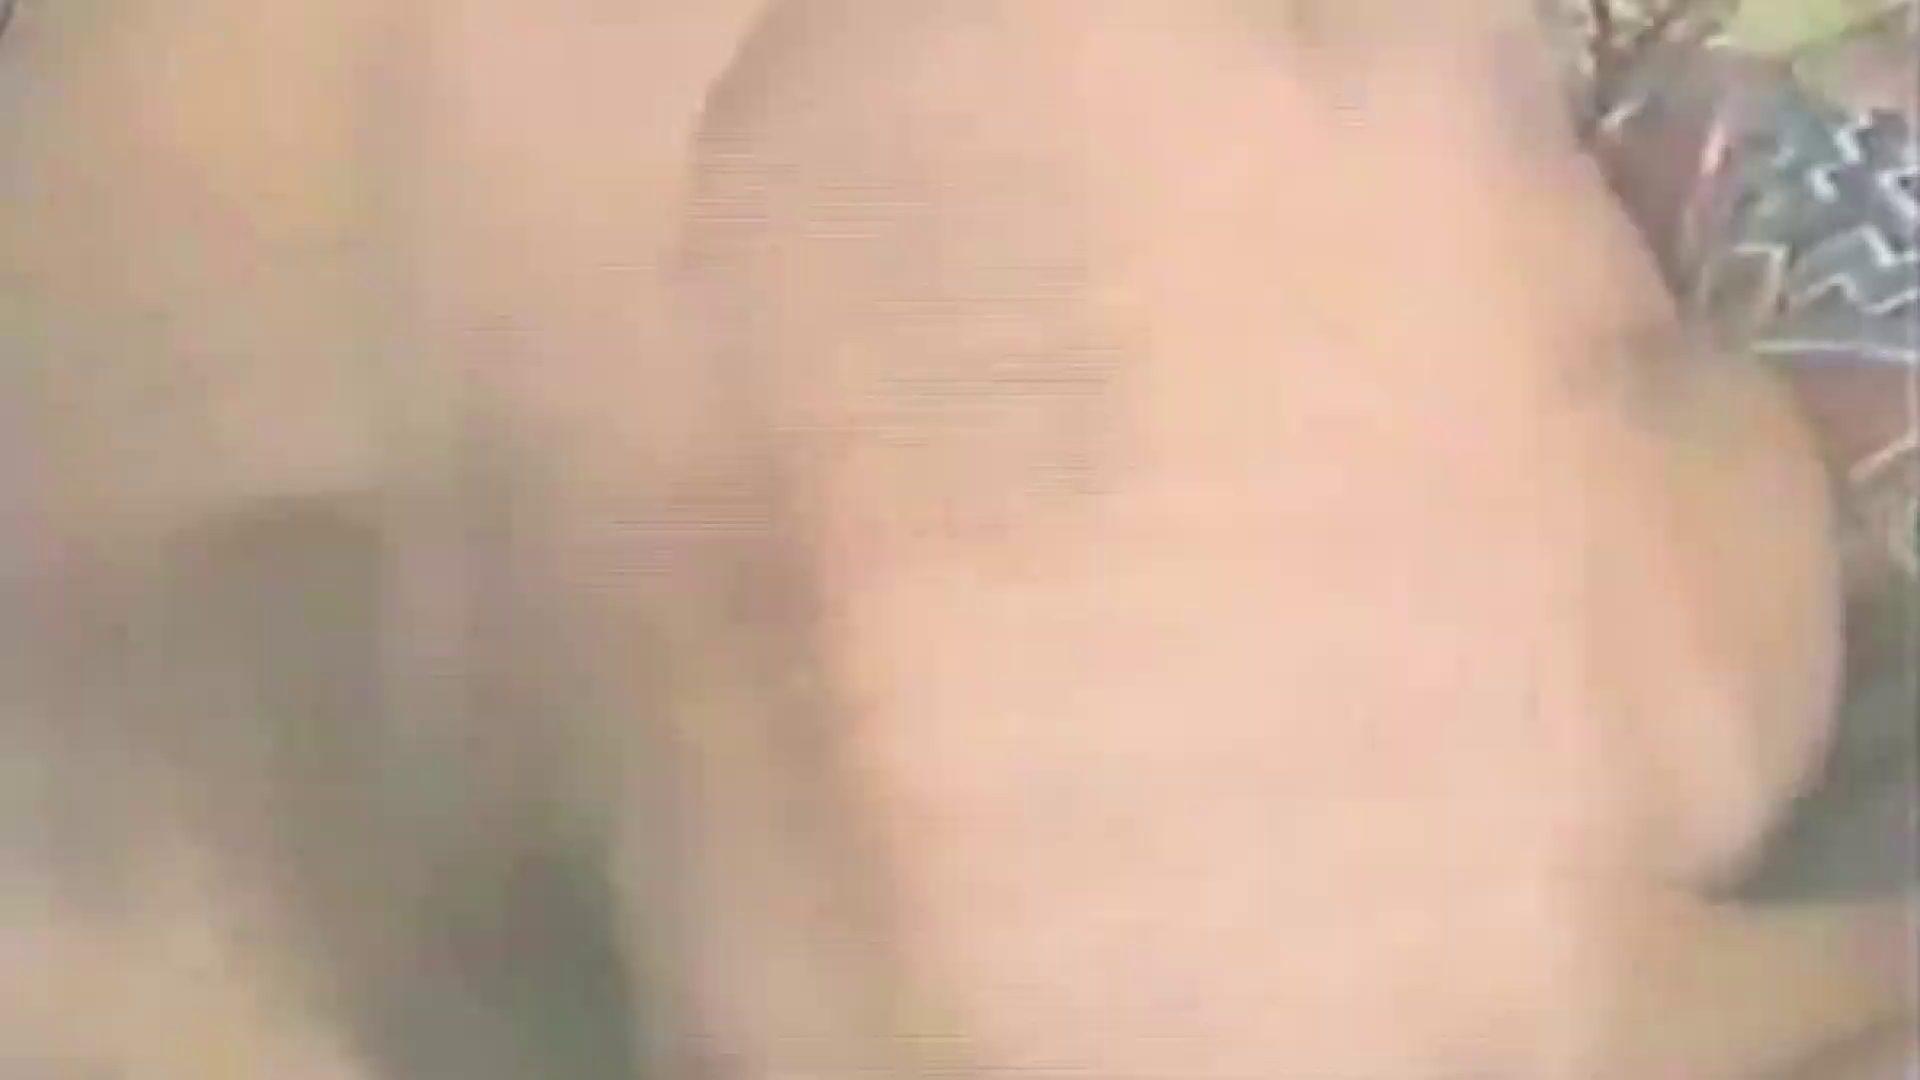 巨根 オナニー塾Vol.14 オナニー アダルトビデオ画像キャプチャ 111枚 90